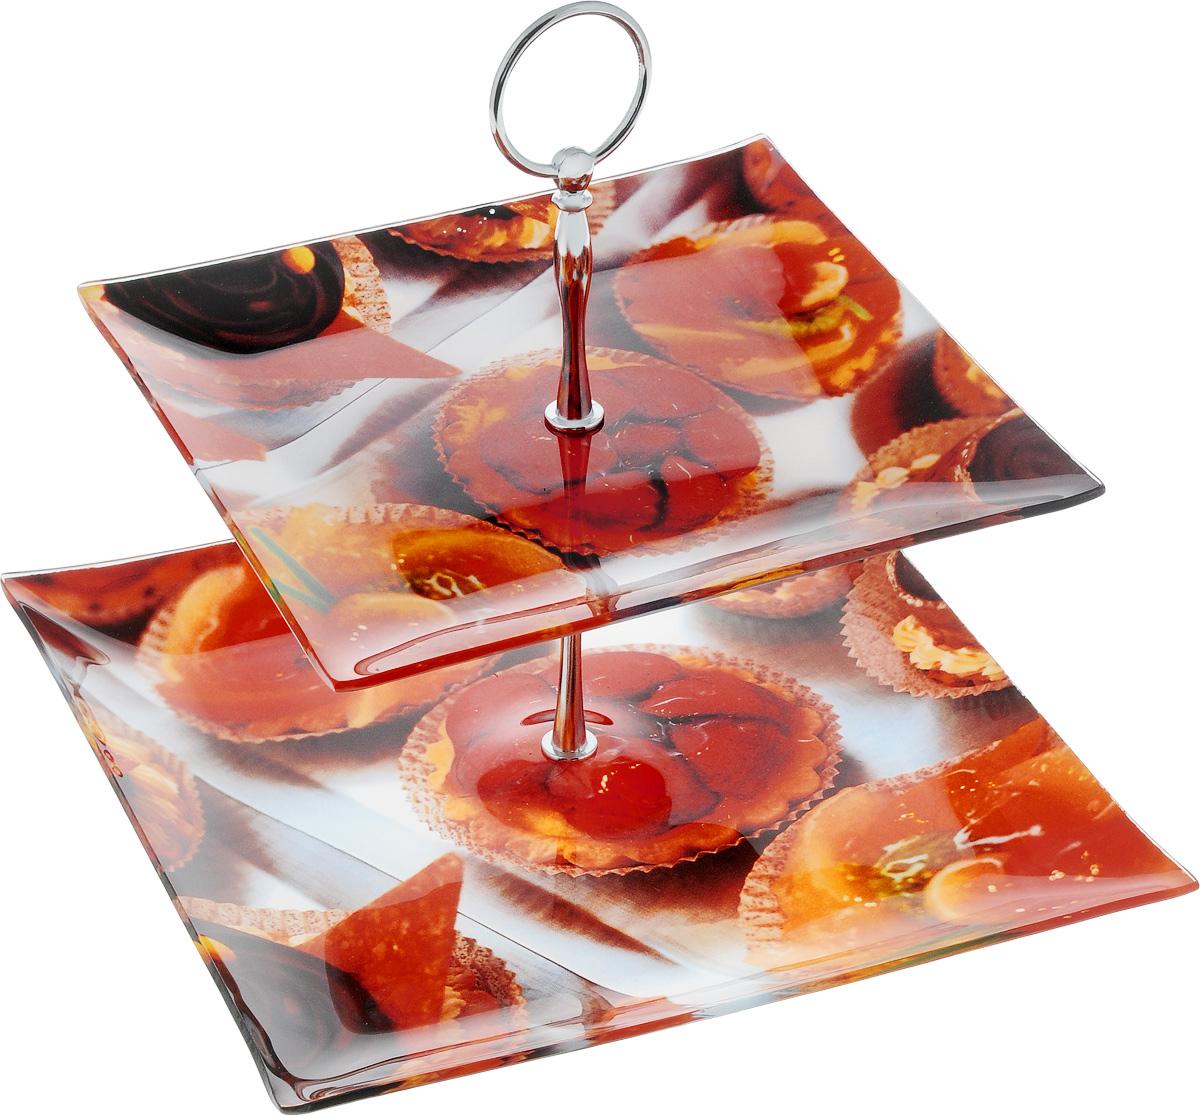 Блюдо для десерта Zibo Shelley Белиссимо, двухъярусное, высота 22 смZSS3100T/M2-18Блюдо для десерта Zibo Shelley Белиссимо, выполненное из высококачественного стекла, сочетает в себе классический дизайн с максимальной функциональностью. Изделие состоит из 2 квадратных блюд разного размера, оформленных красочным изображением выпечки. Стойка-держатель выполнена из металла. Блюдо предназначено для красивой сервировки конфет, фруктов и десертов. Элегантное и стильное, оно украсит сервировку вашего стола и подчеркнет прекрасный вкус хозяйки, а также станет отличным подарком. Можно мыть в посудомоечной машине. Размер блюд: 20 х 20 см; 25 х 25 см. Высота: 22 см.